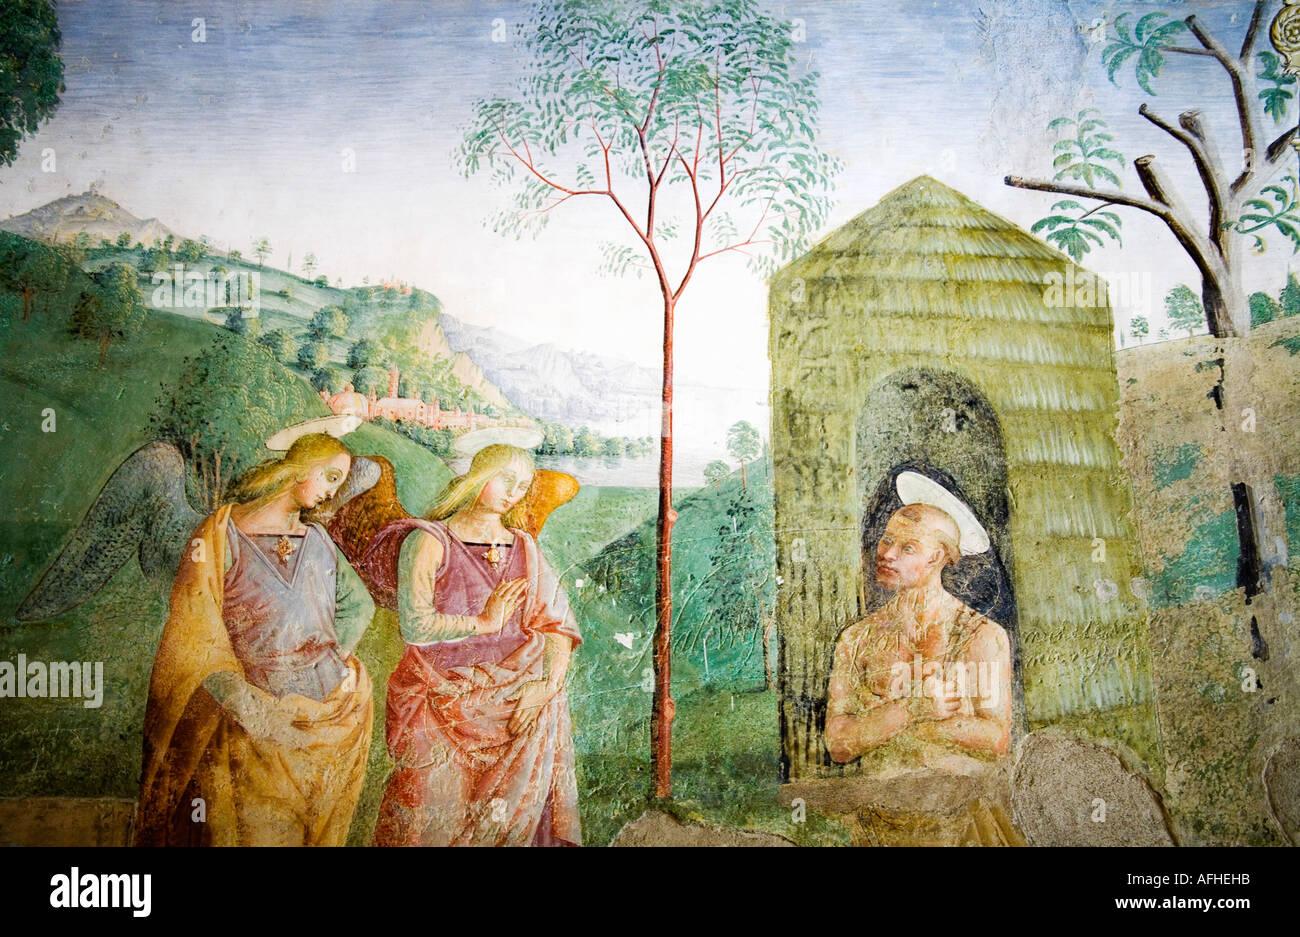 San Francesco di Assisi con angeli affresco nella motivazione della Basilica di Santa Maria degli Angeli di Assisi Umbria Italia Immagini Stock